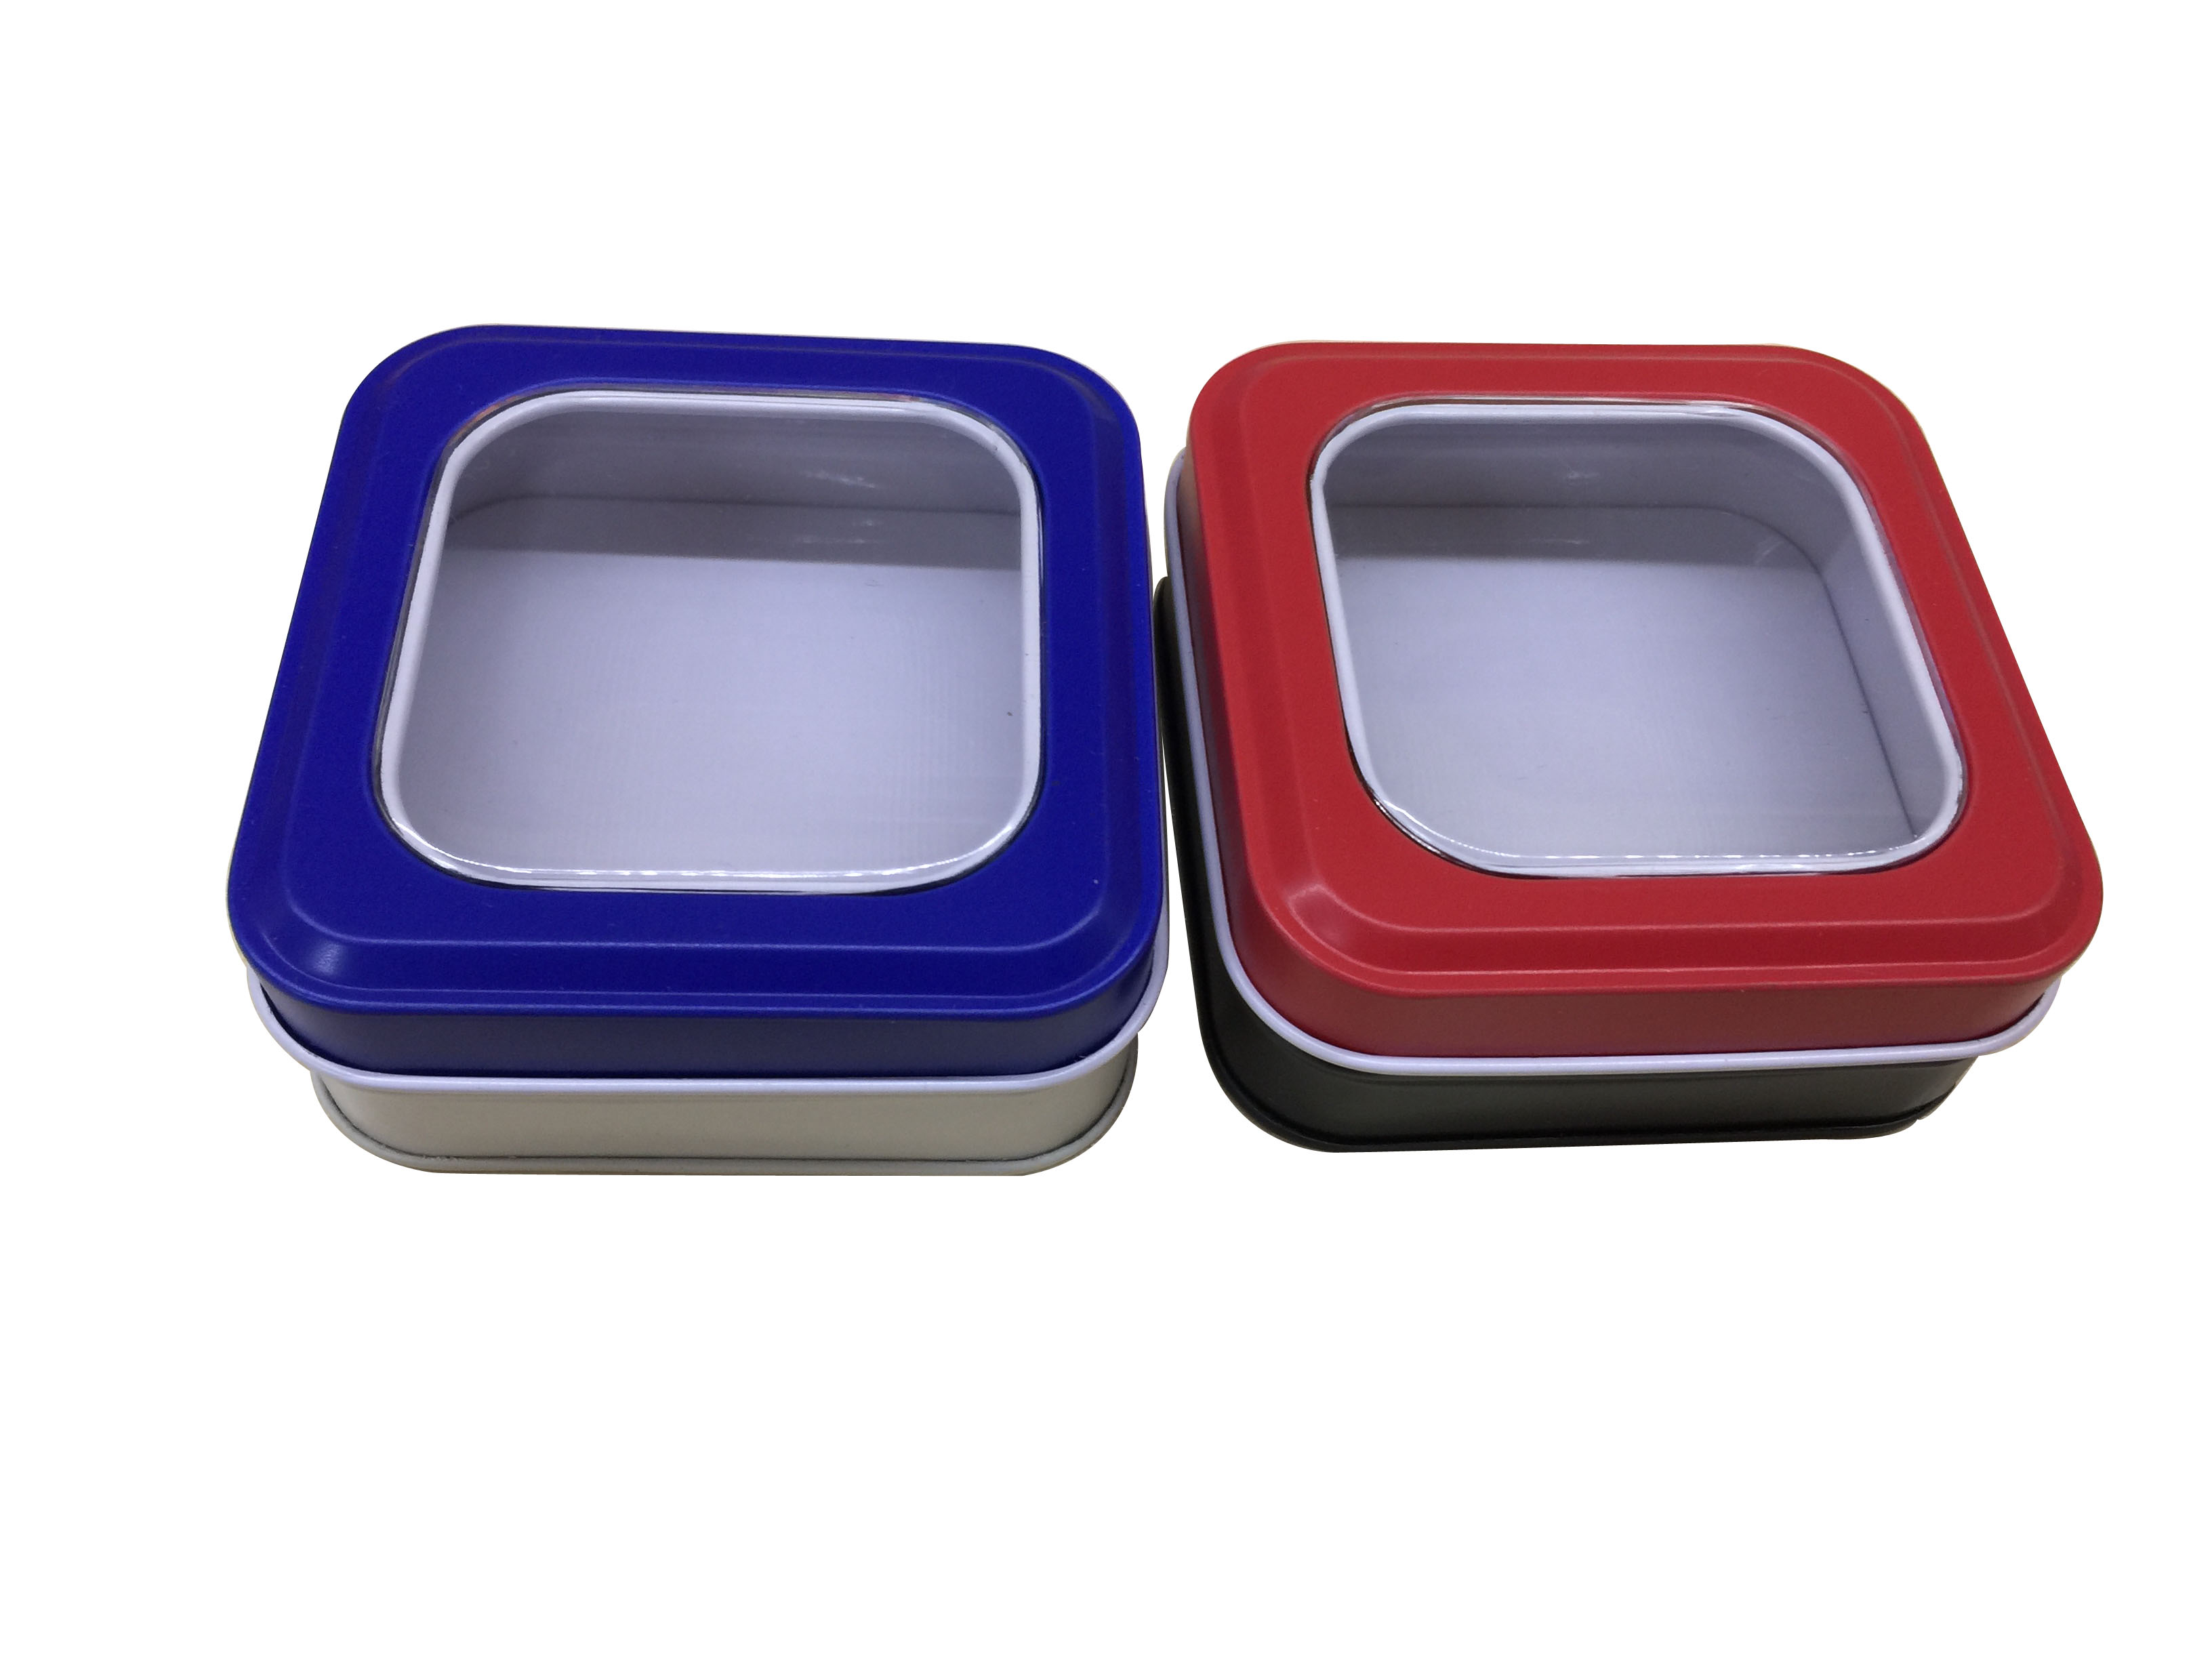 铁盒生产厂家 批发马口铁盒 摩配包装盒 方形金属盒